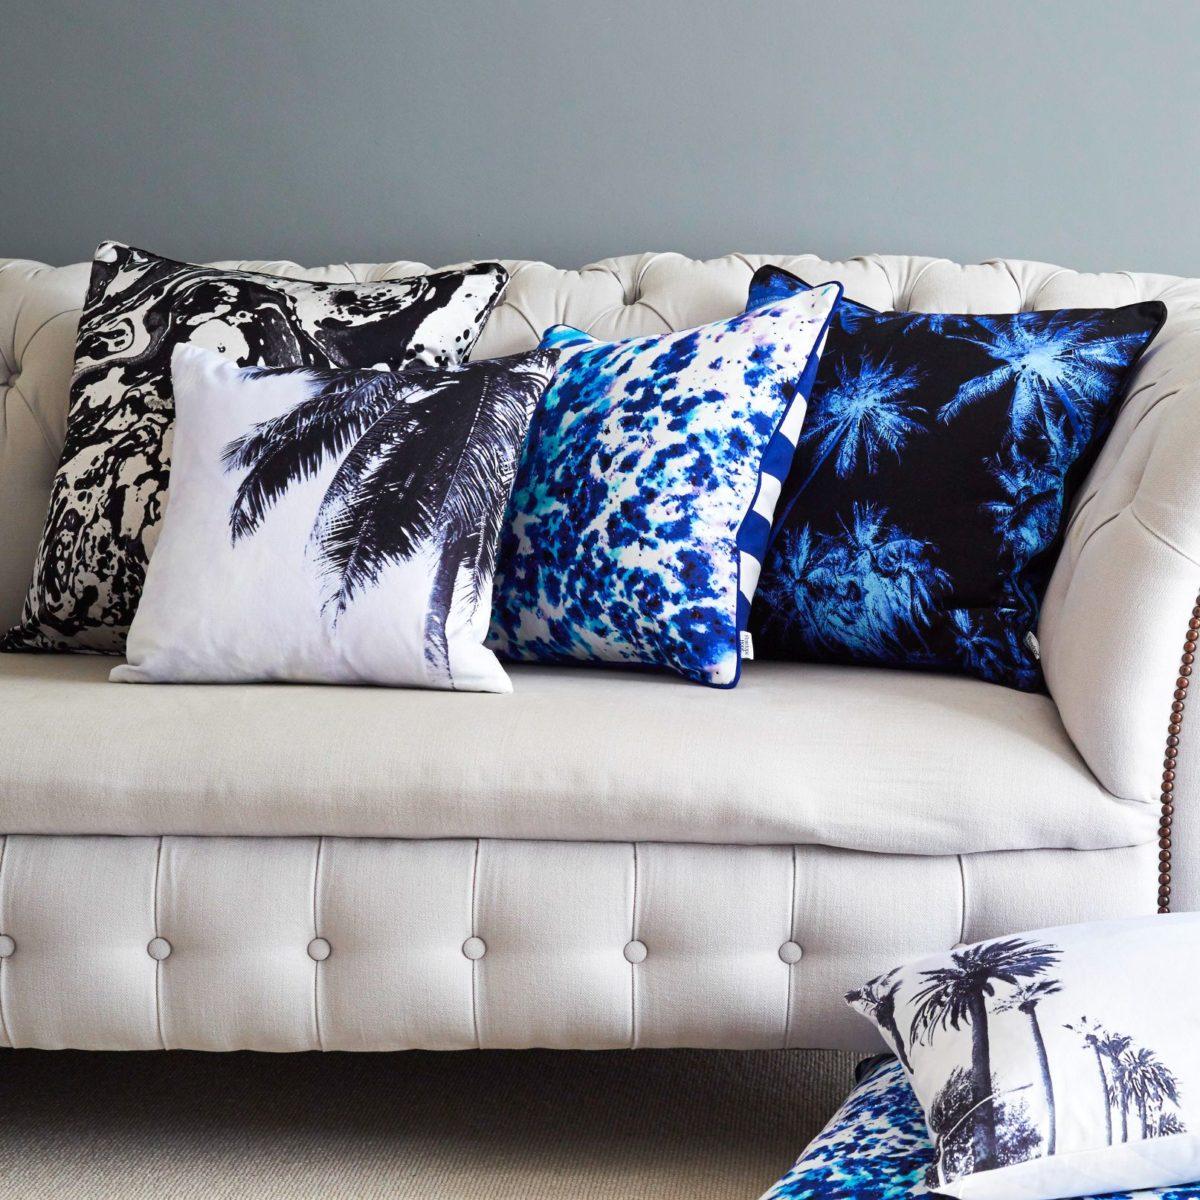 2penelope-hope_palm-dreams-_-cushion-1200x1200.jpg